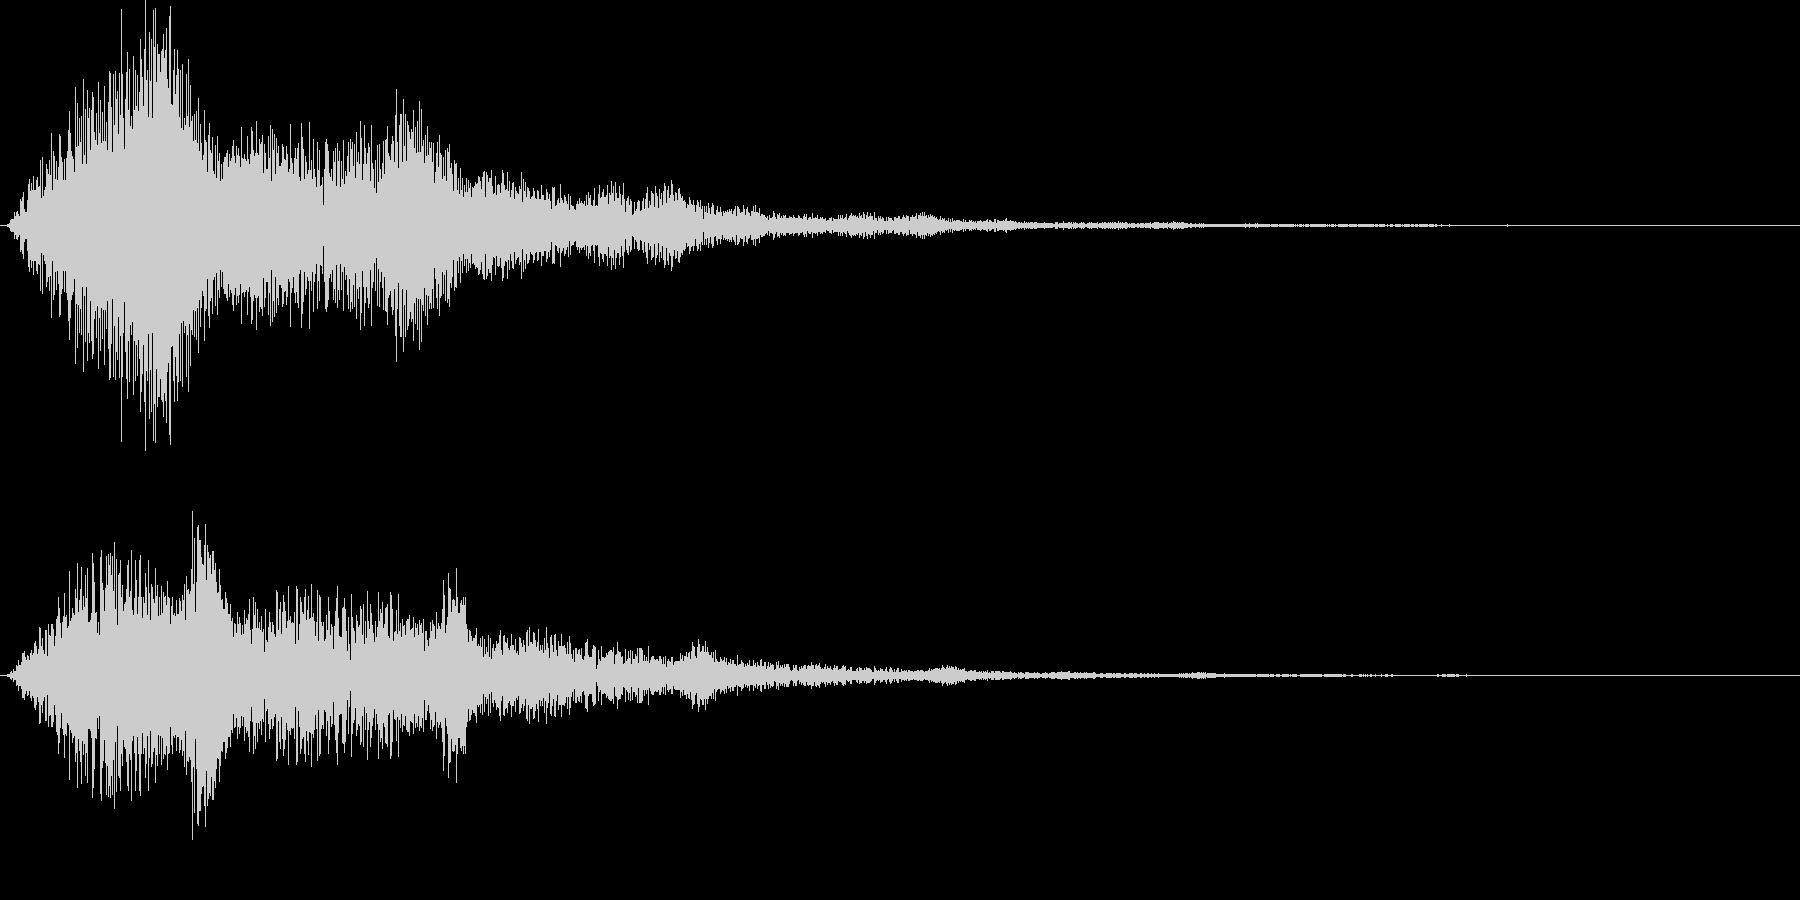 ハリウッド系サウンドロゴ ボタン押し系の未再生の波形